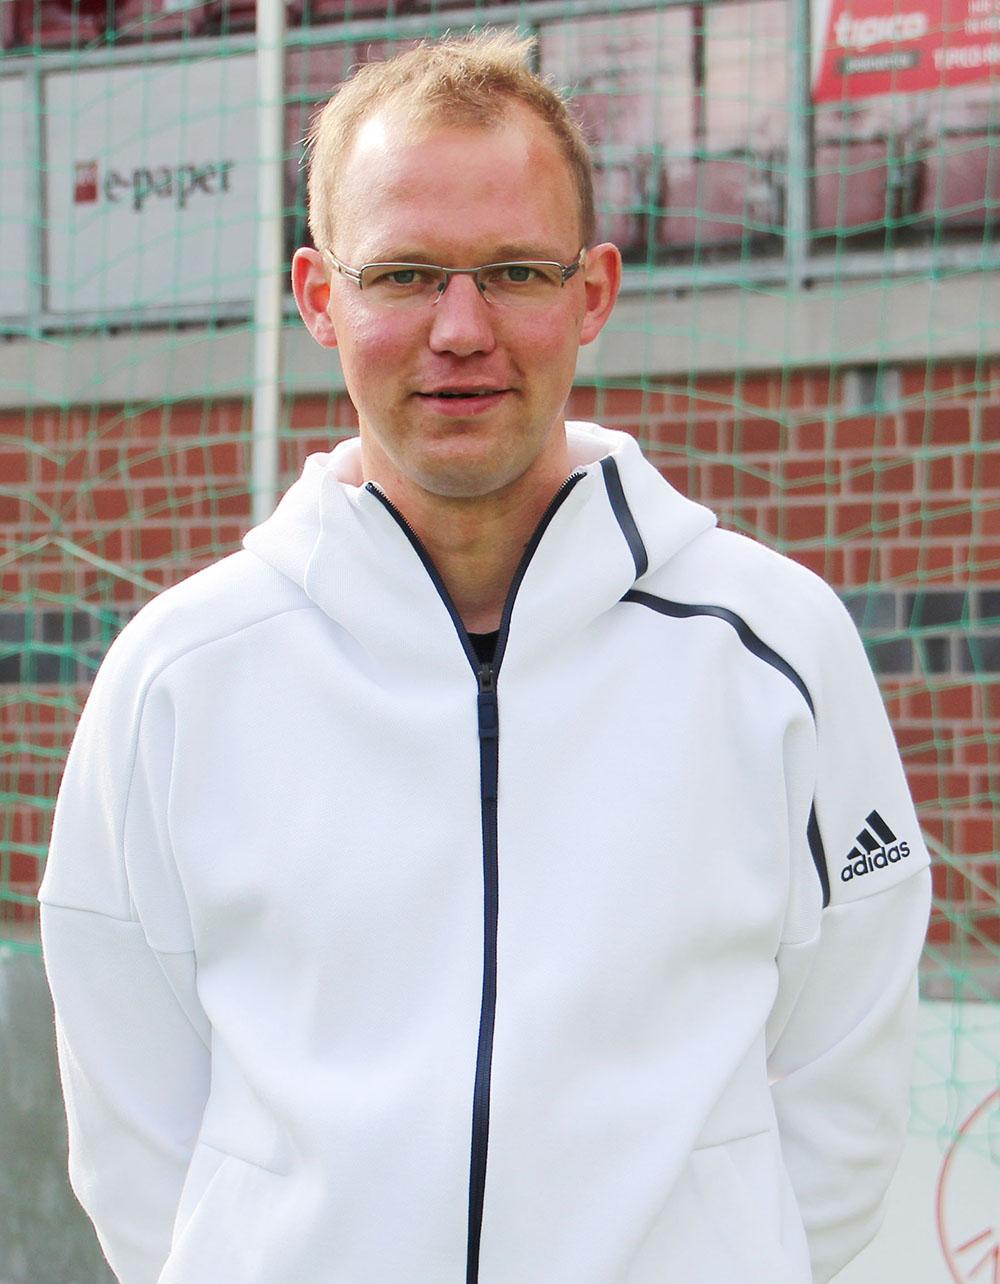 Daniel Hallmann